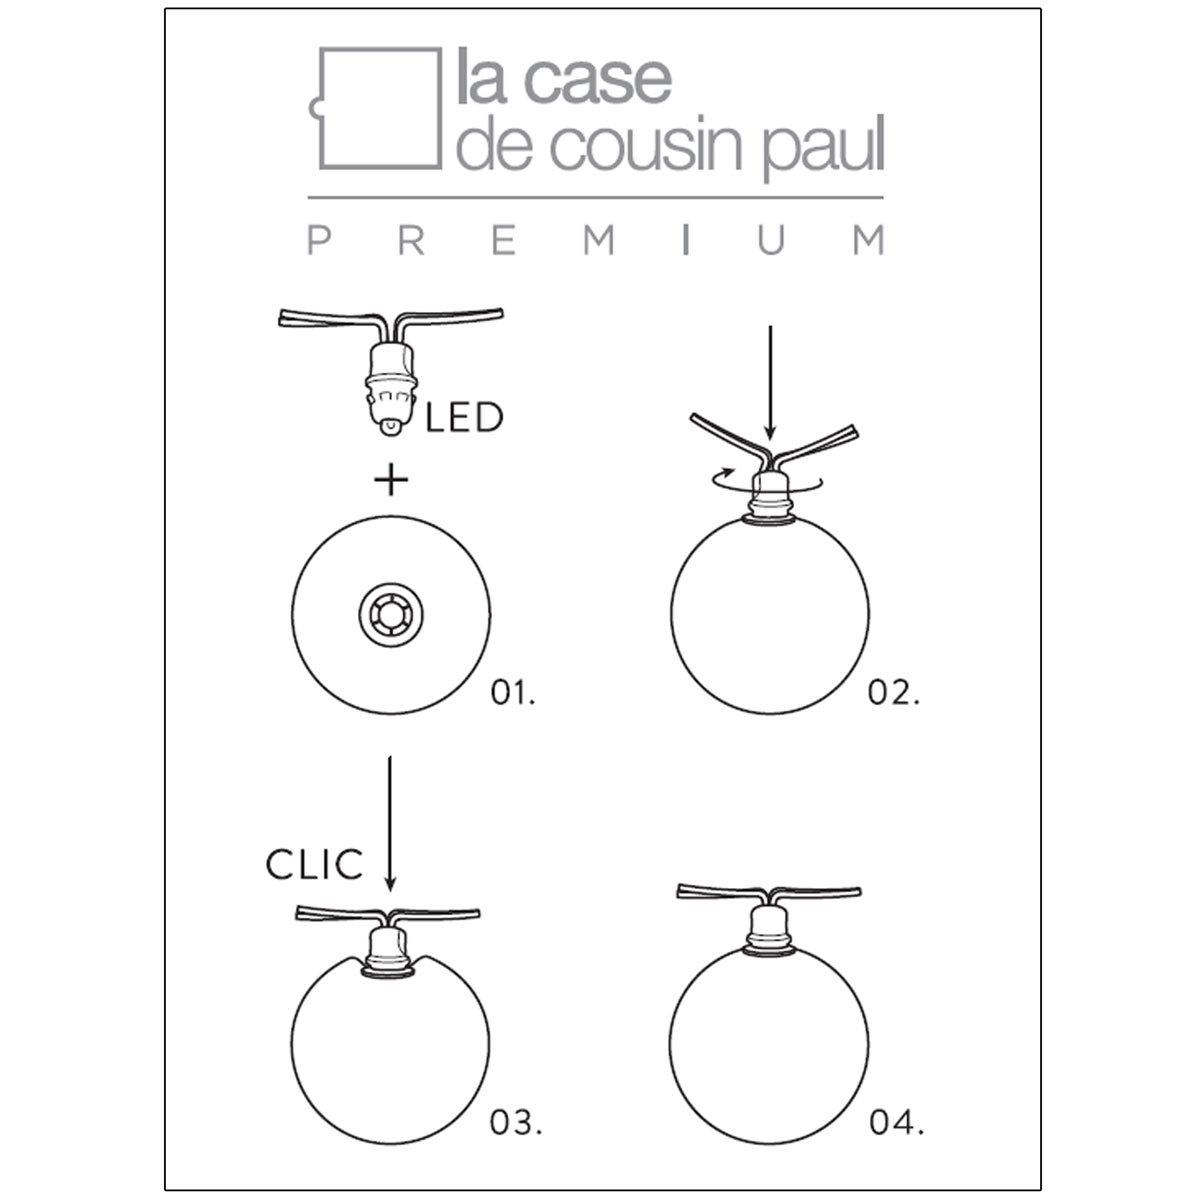 la case de cousin paul guirlande lumineuse otis led 20 boules suspension d corative la case. Black Bedroom Furniture Sets. Home Design Ideas